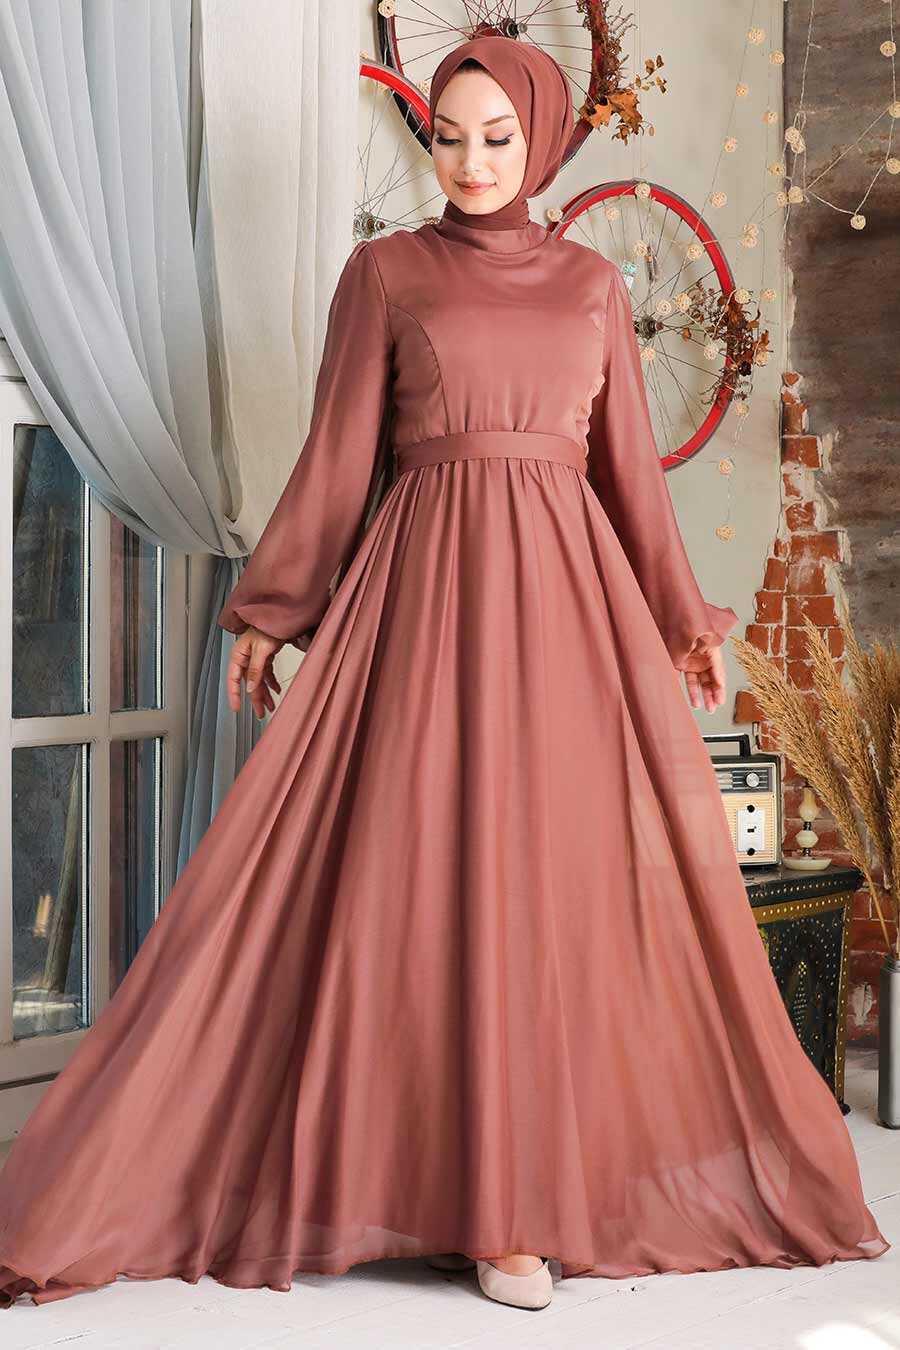 Dark Sunuff Colored Hijab Evening Dress 5215KTB